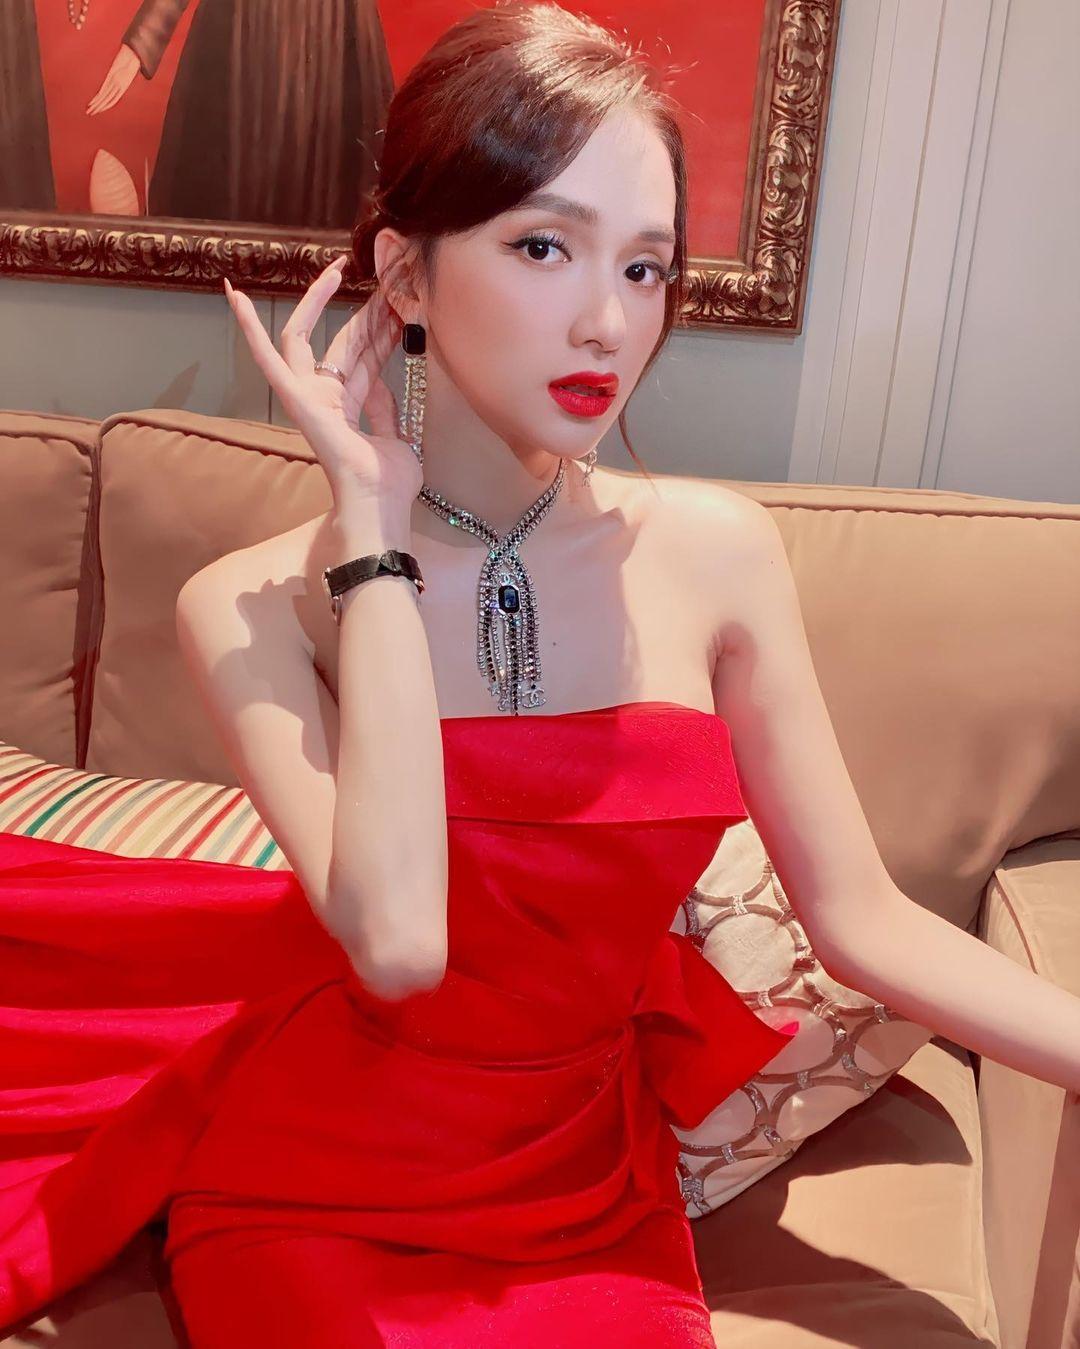 Hương Giang cho rằng màu đỏ giúp cuộc sống của cô rực rỡ nên người đẹp rất chăm diện trang phục có sắc màu này.